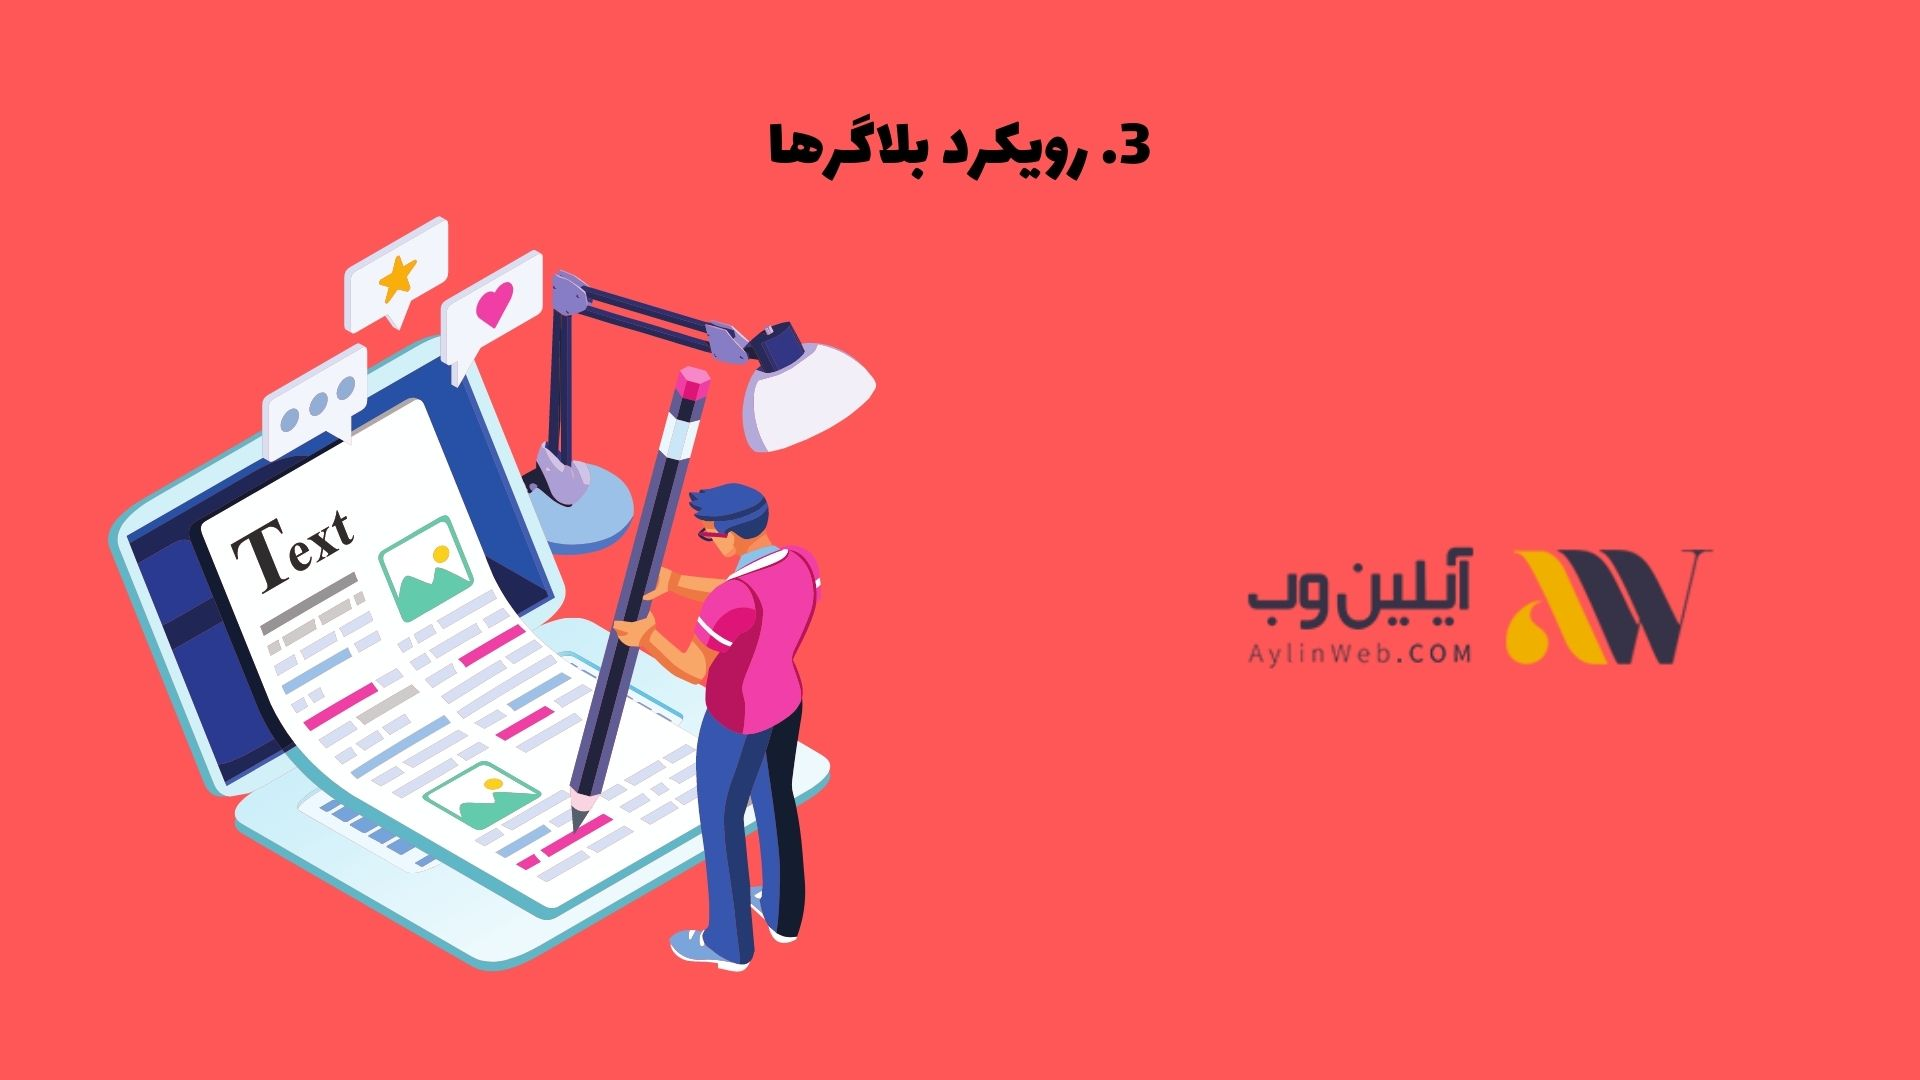 رویکرد بلاگرها